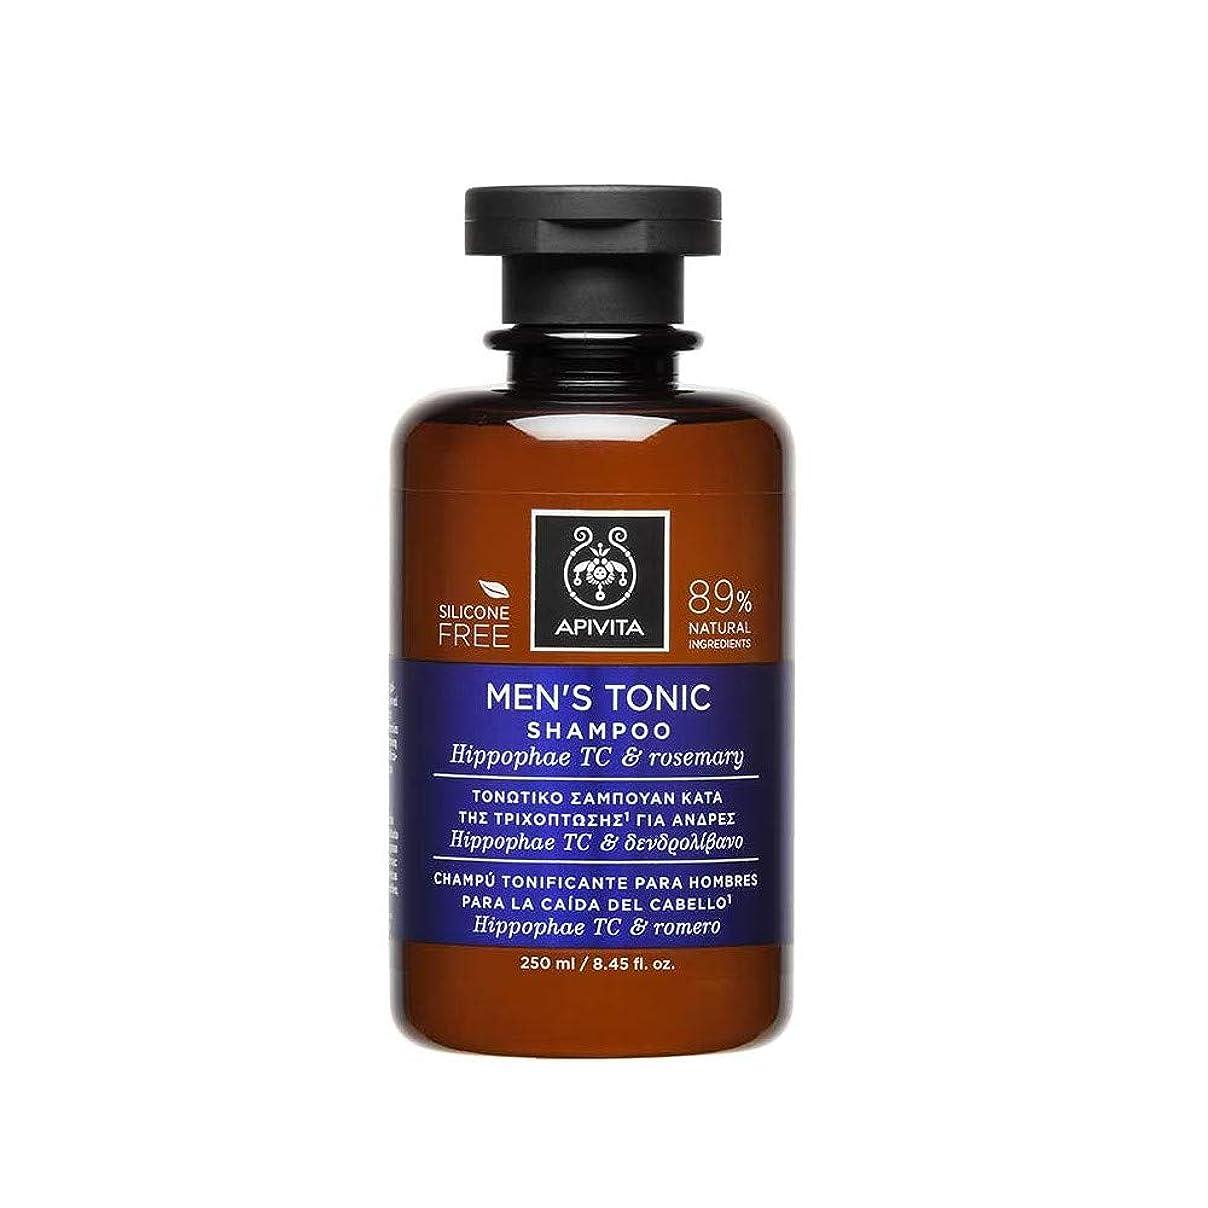 肯定的要求する管理アピヴィータ Men's Tonic Shampoo with Hippophae TC & Rosemary (For Thinning Hair) 250ml [並行輸入品]